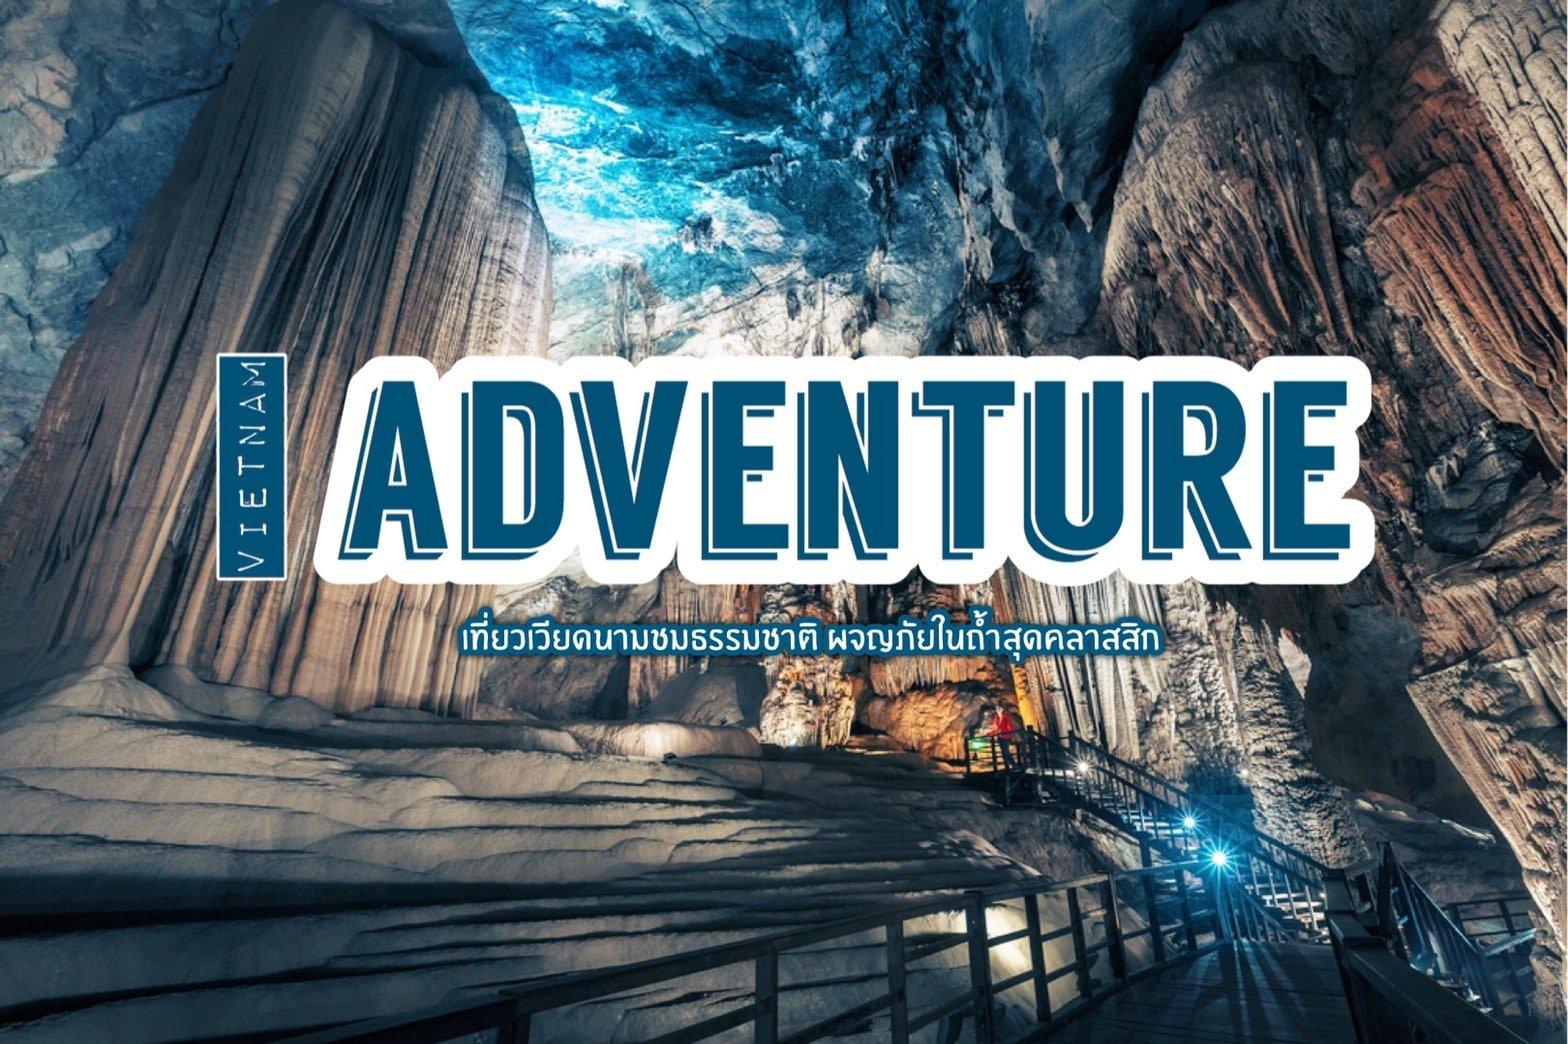 ทัวร์เวียดนาม – เที่ยวชมธรรมชาติที่เวียดนาม ชวนสาย Adventure ผจญภัยในถ้ำสุดคลาสสิค